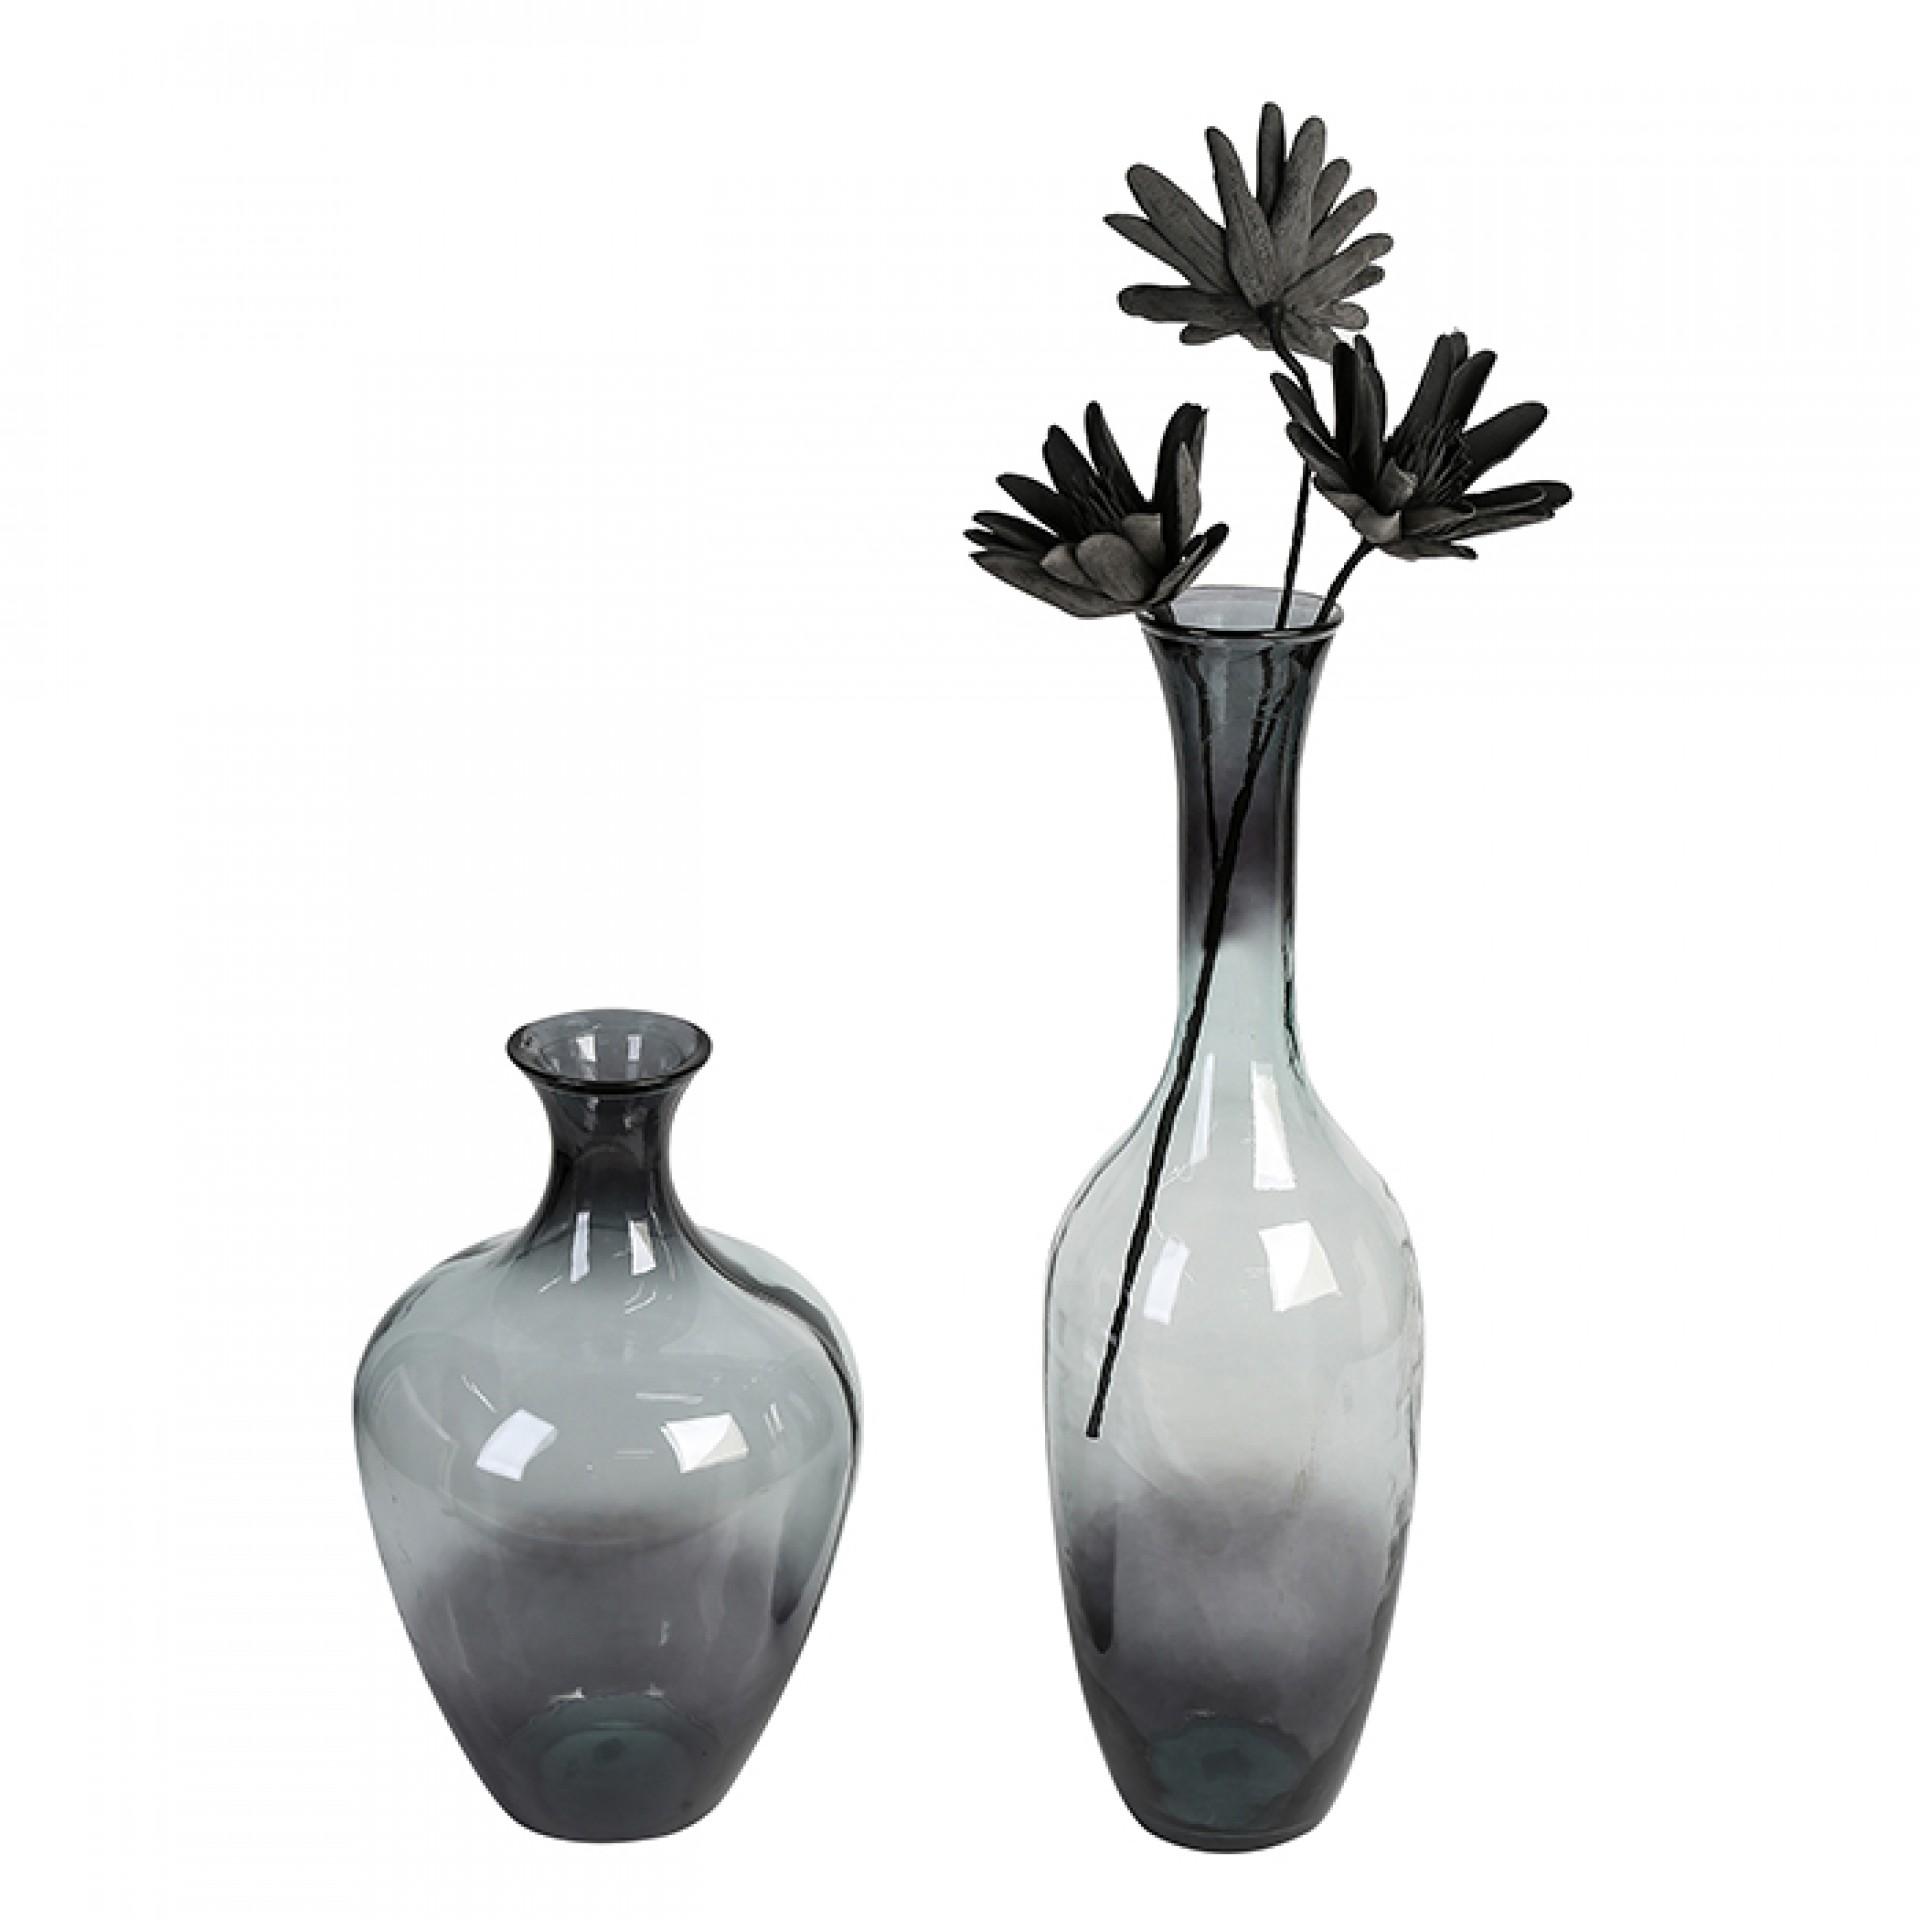 Podlahová váza z recyklovaného skla Velico, 66 cm, šedá